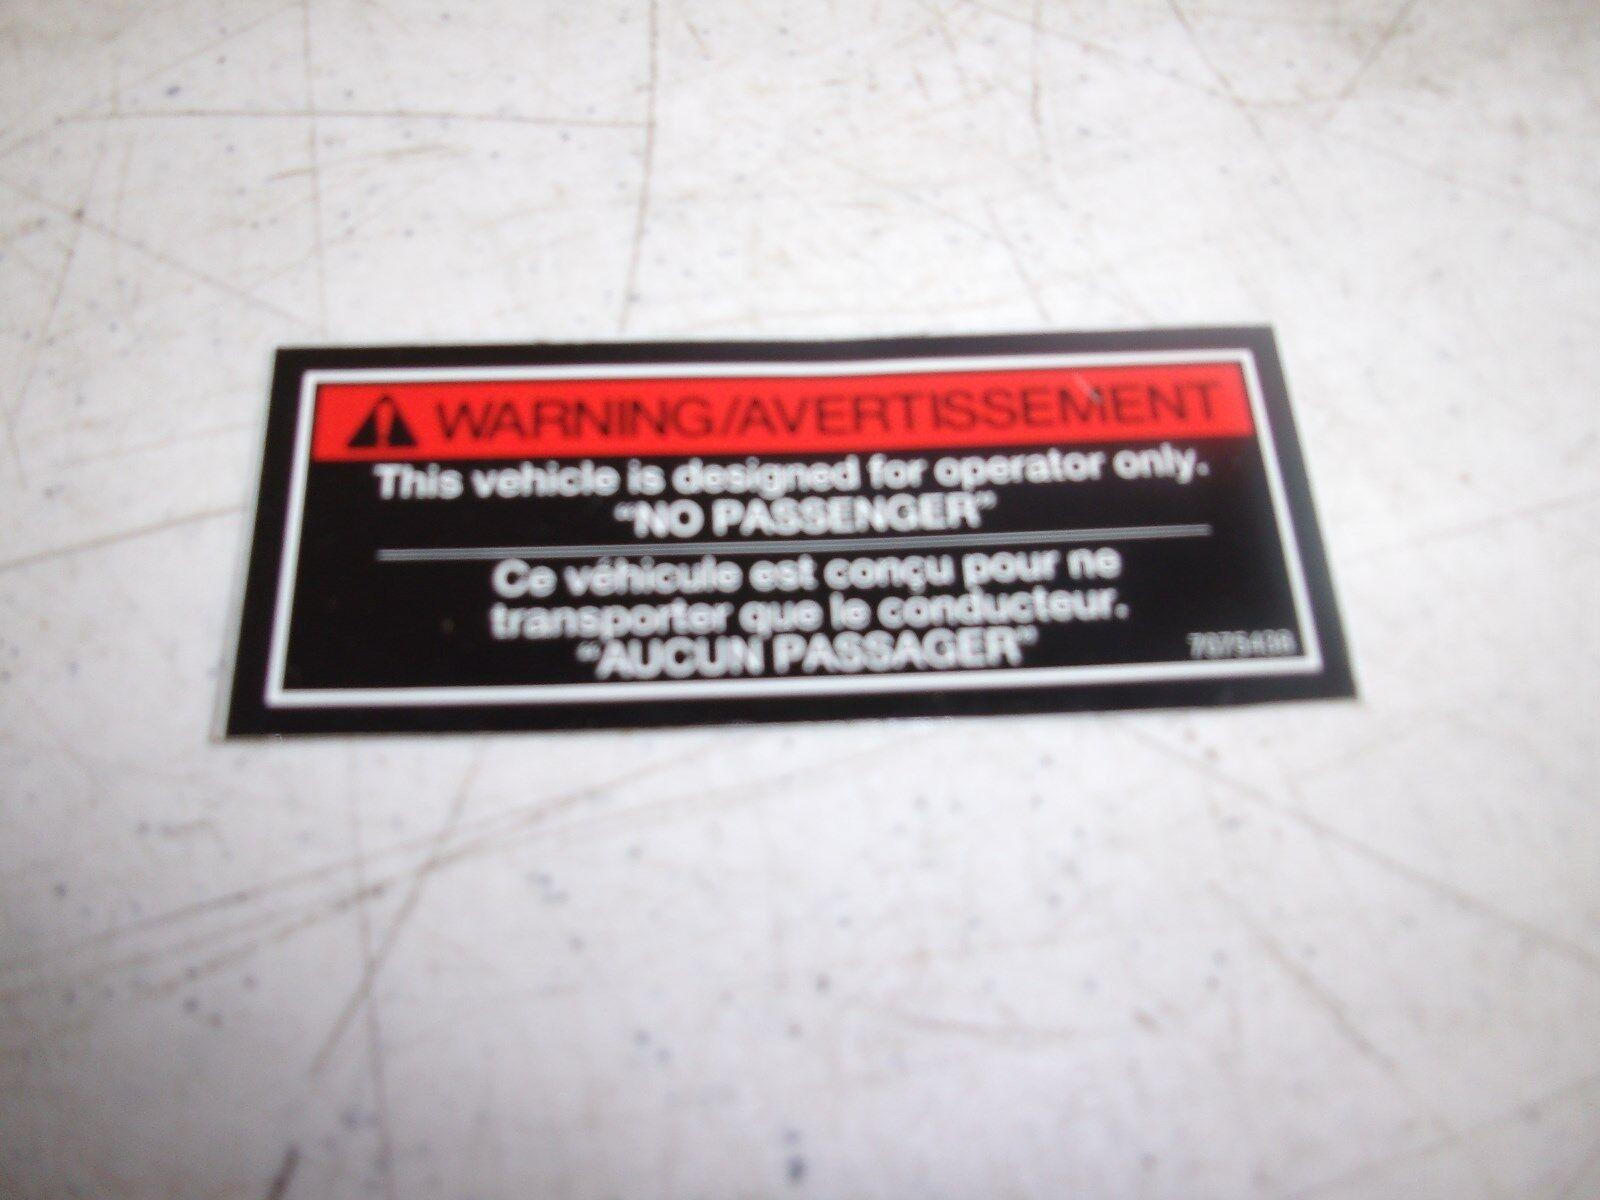 Polaris Snowmobile Decal 7075438 No Passenger Warning